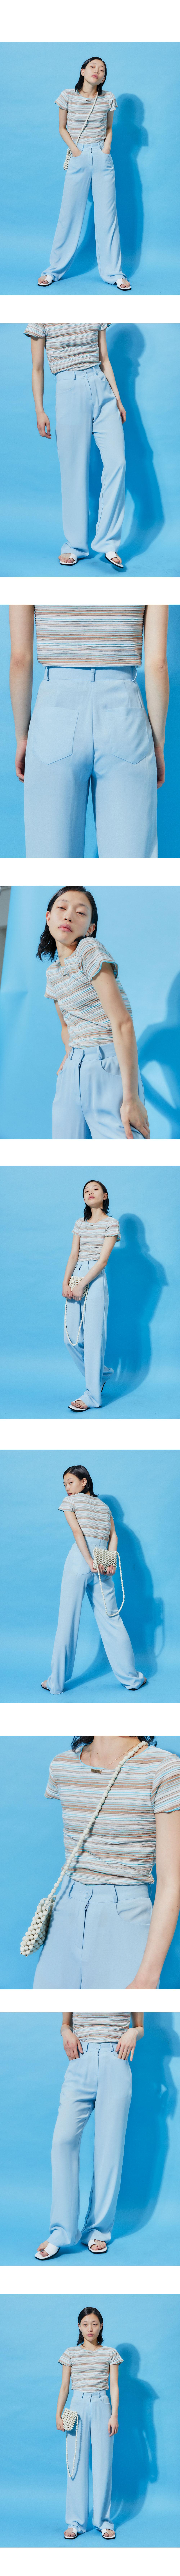 SALE french long slacks - woman